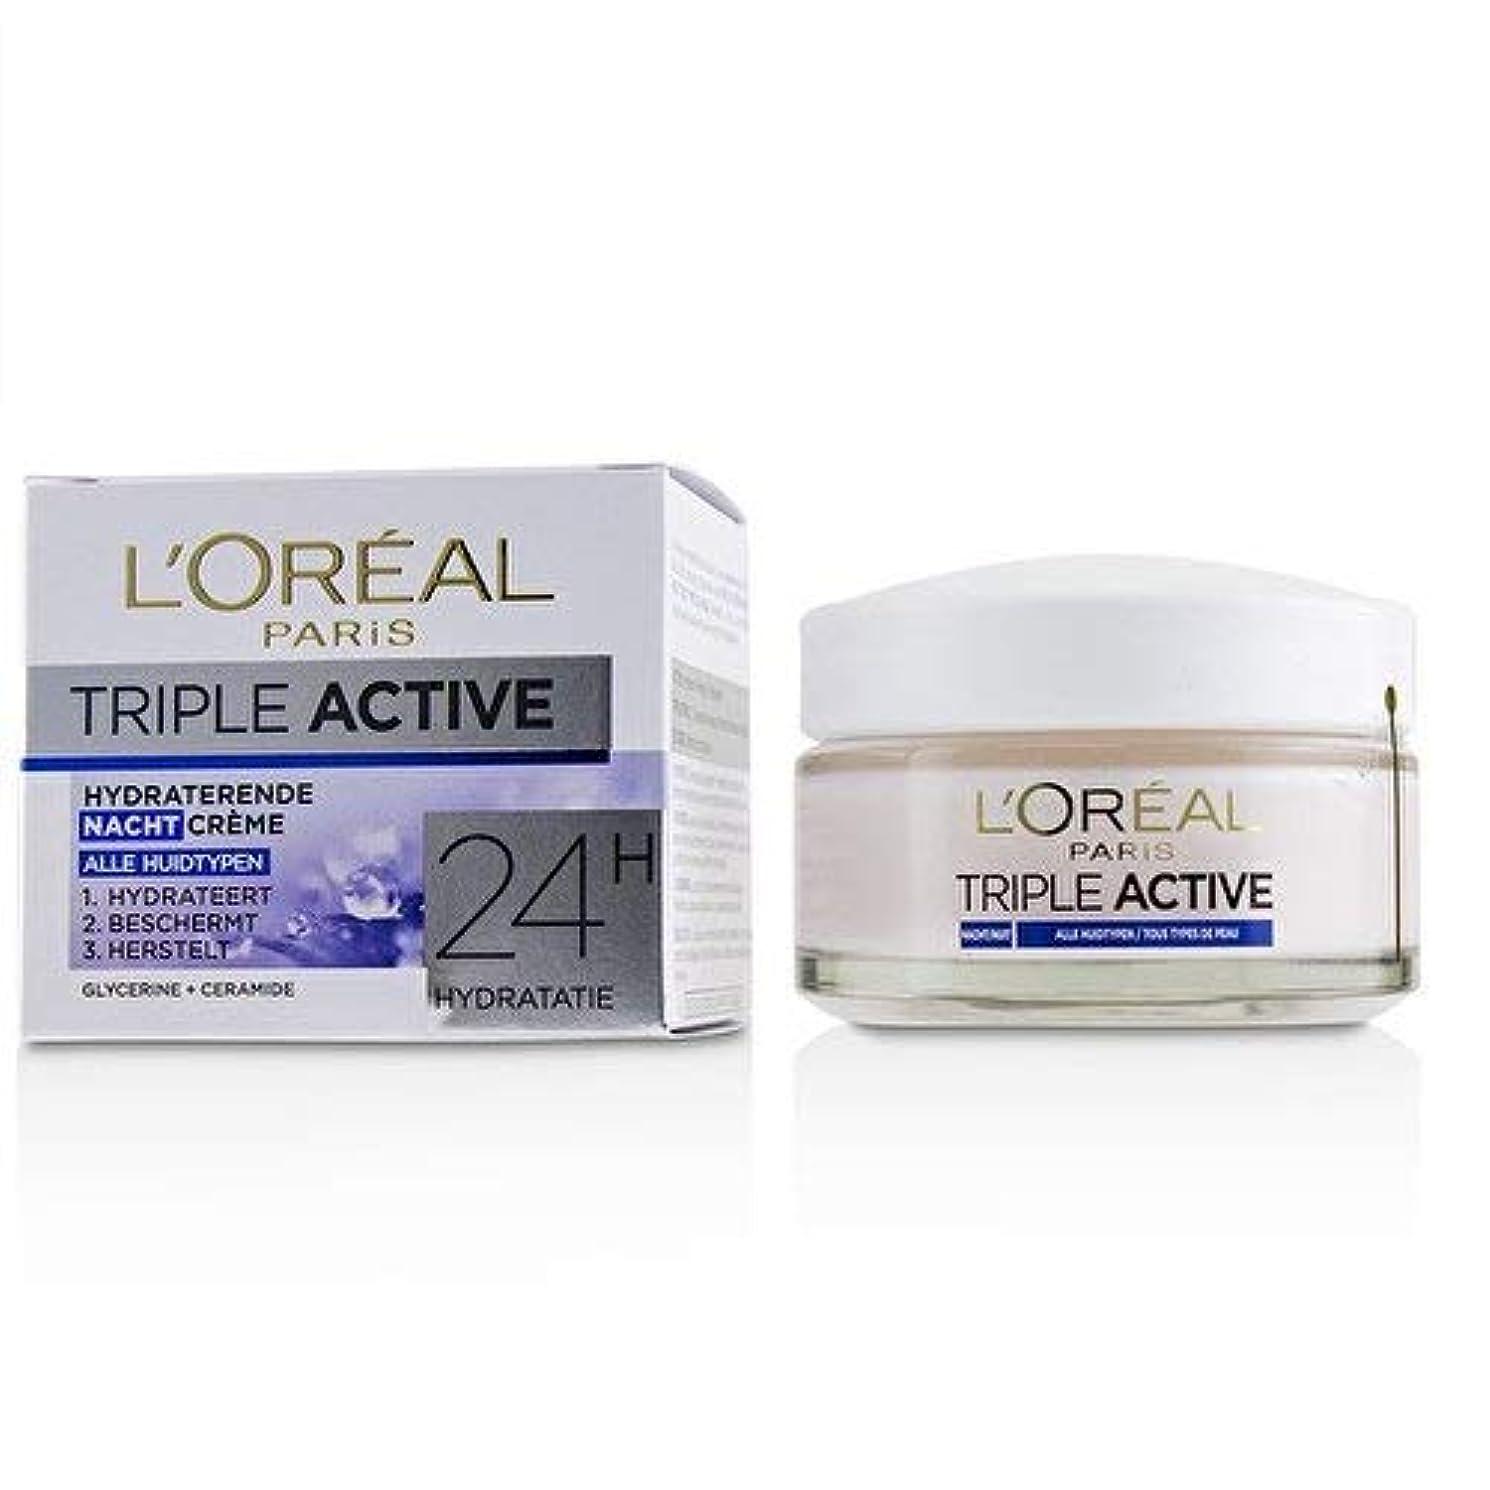 うがい薬雄弁かんたんロレアル Triple Active Hydrating Night Cream 24H Hydration - For All Skin Types 50ml/1.7oz並行輸入品